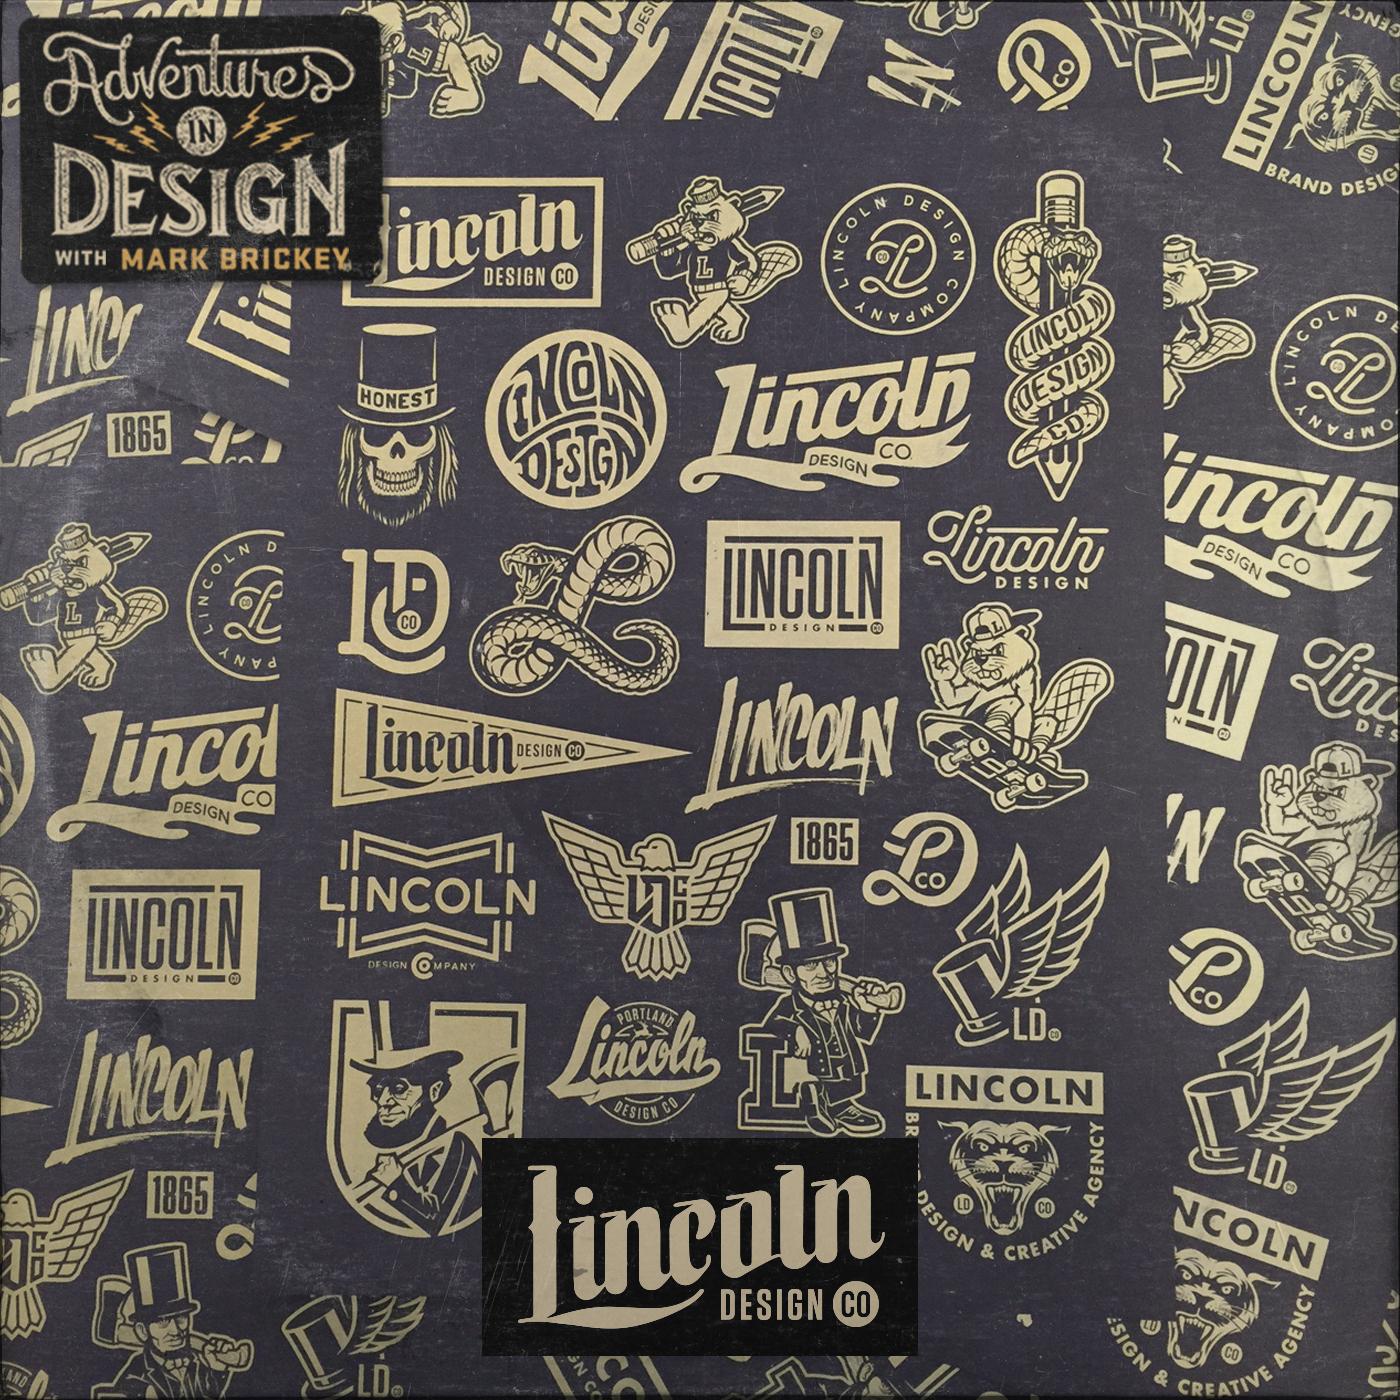 511 - Lincoln Design Co.